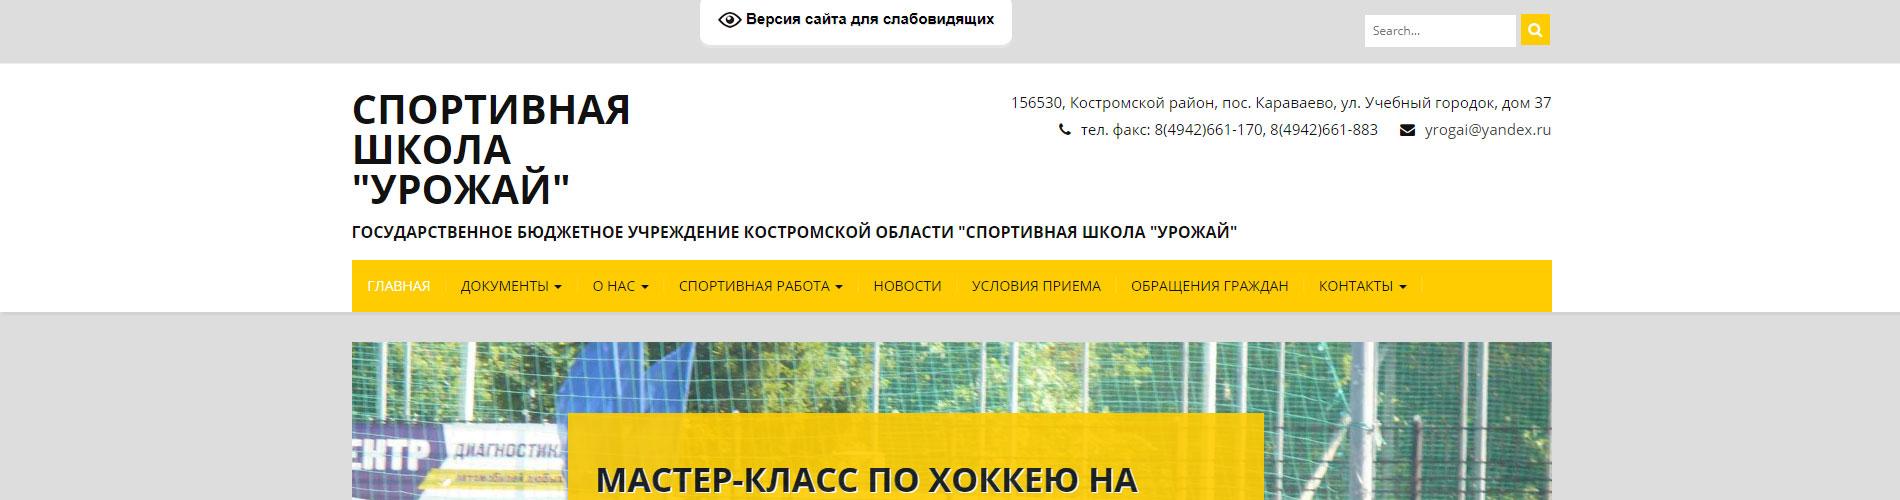 """""""Спортивная школа """"Урожай"""""""